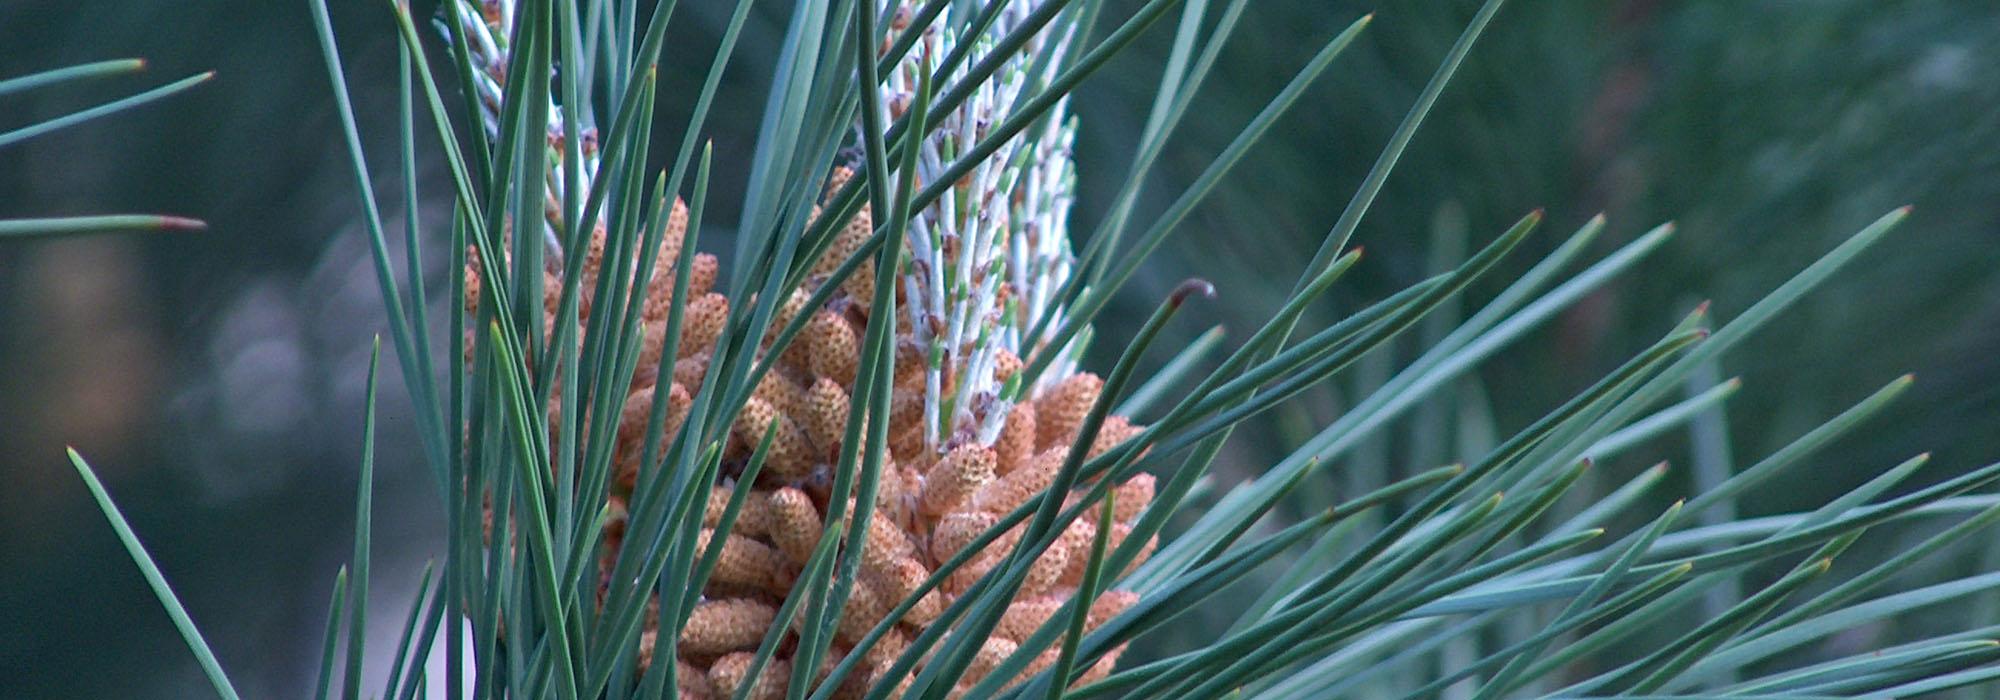 SLIDE7-pine